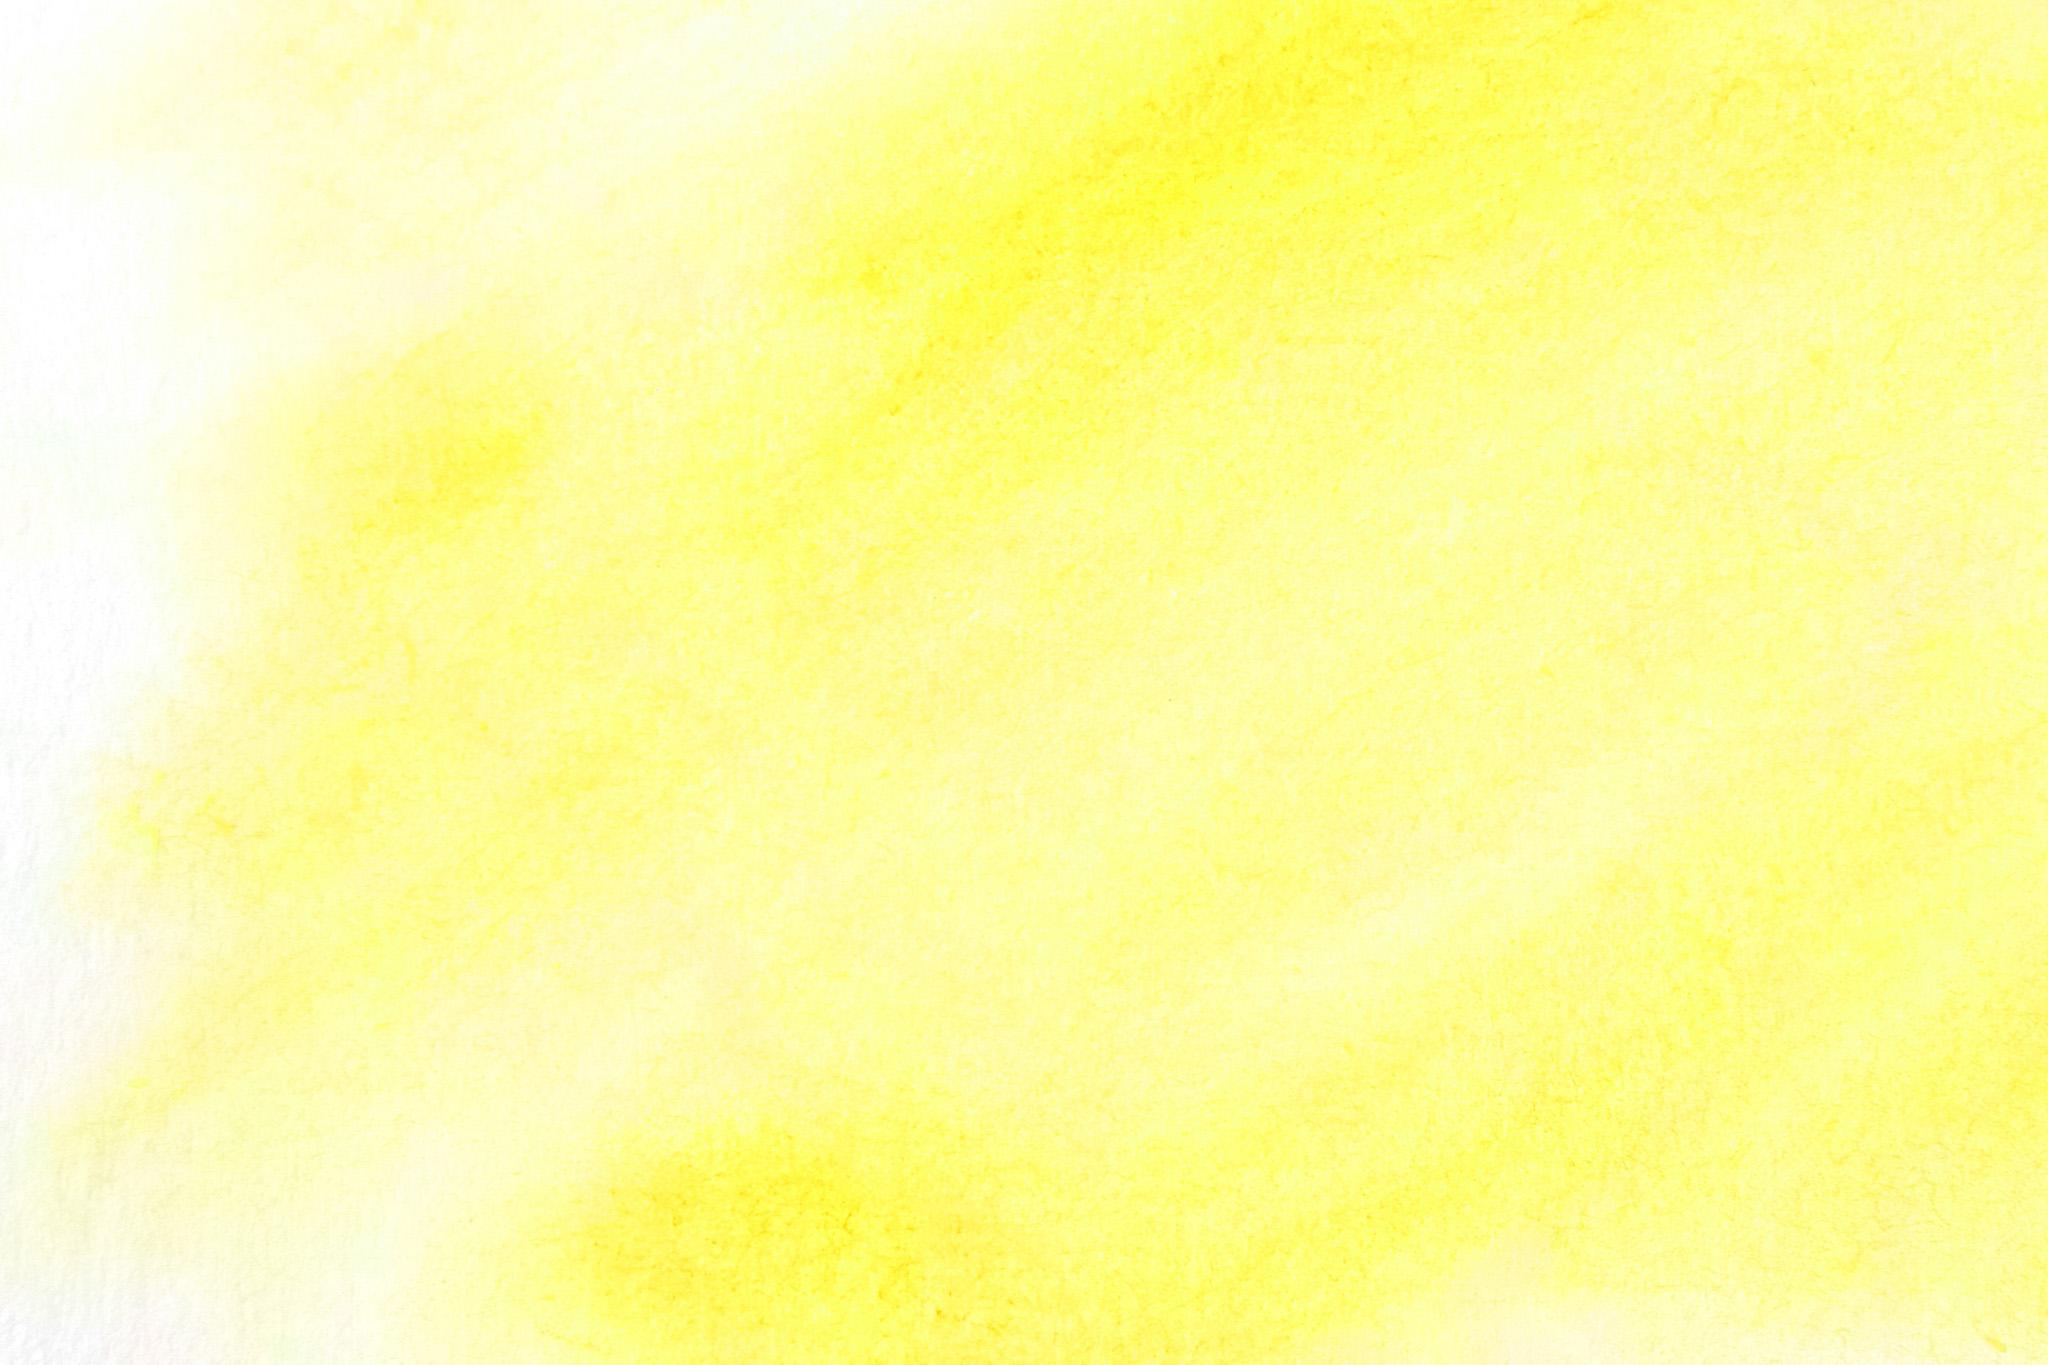 「カナリヤ色の水彩ぼかし背景」